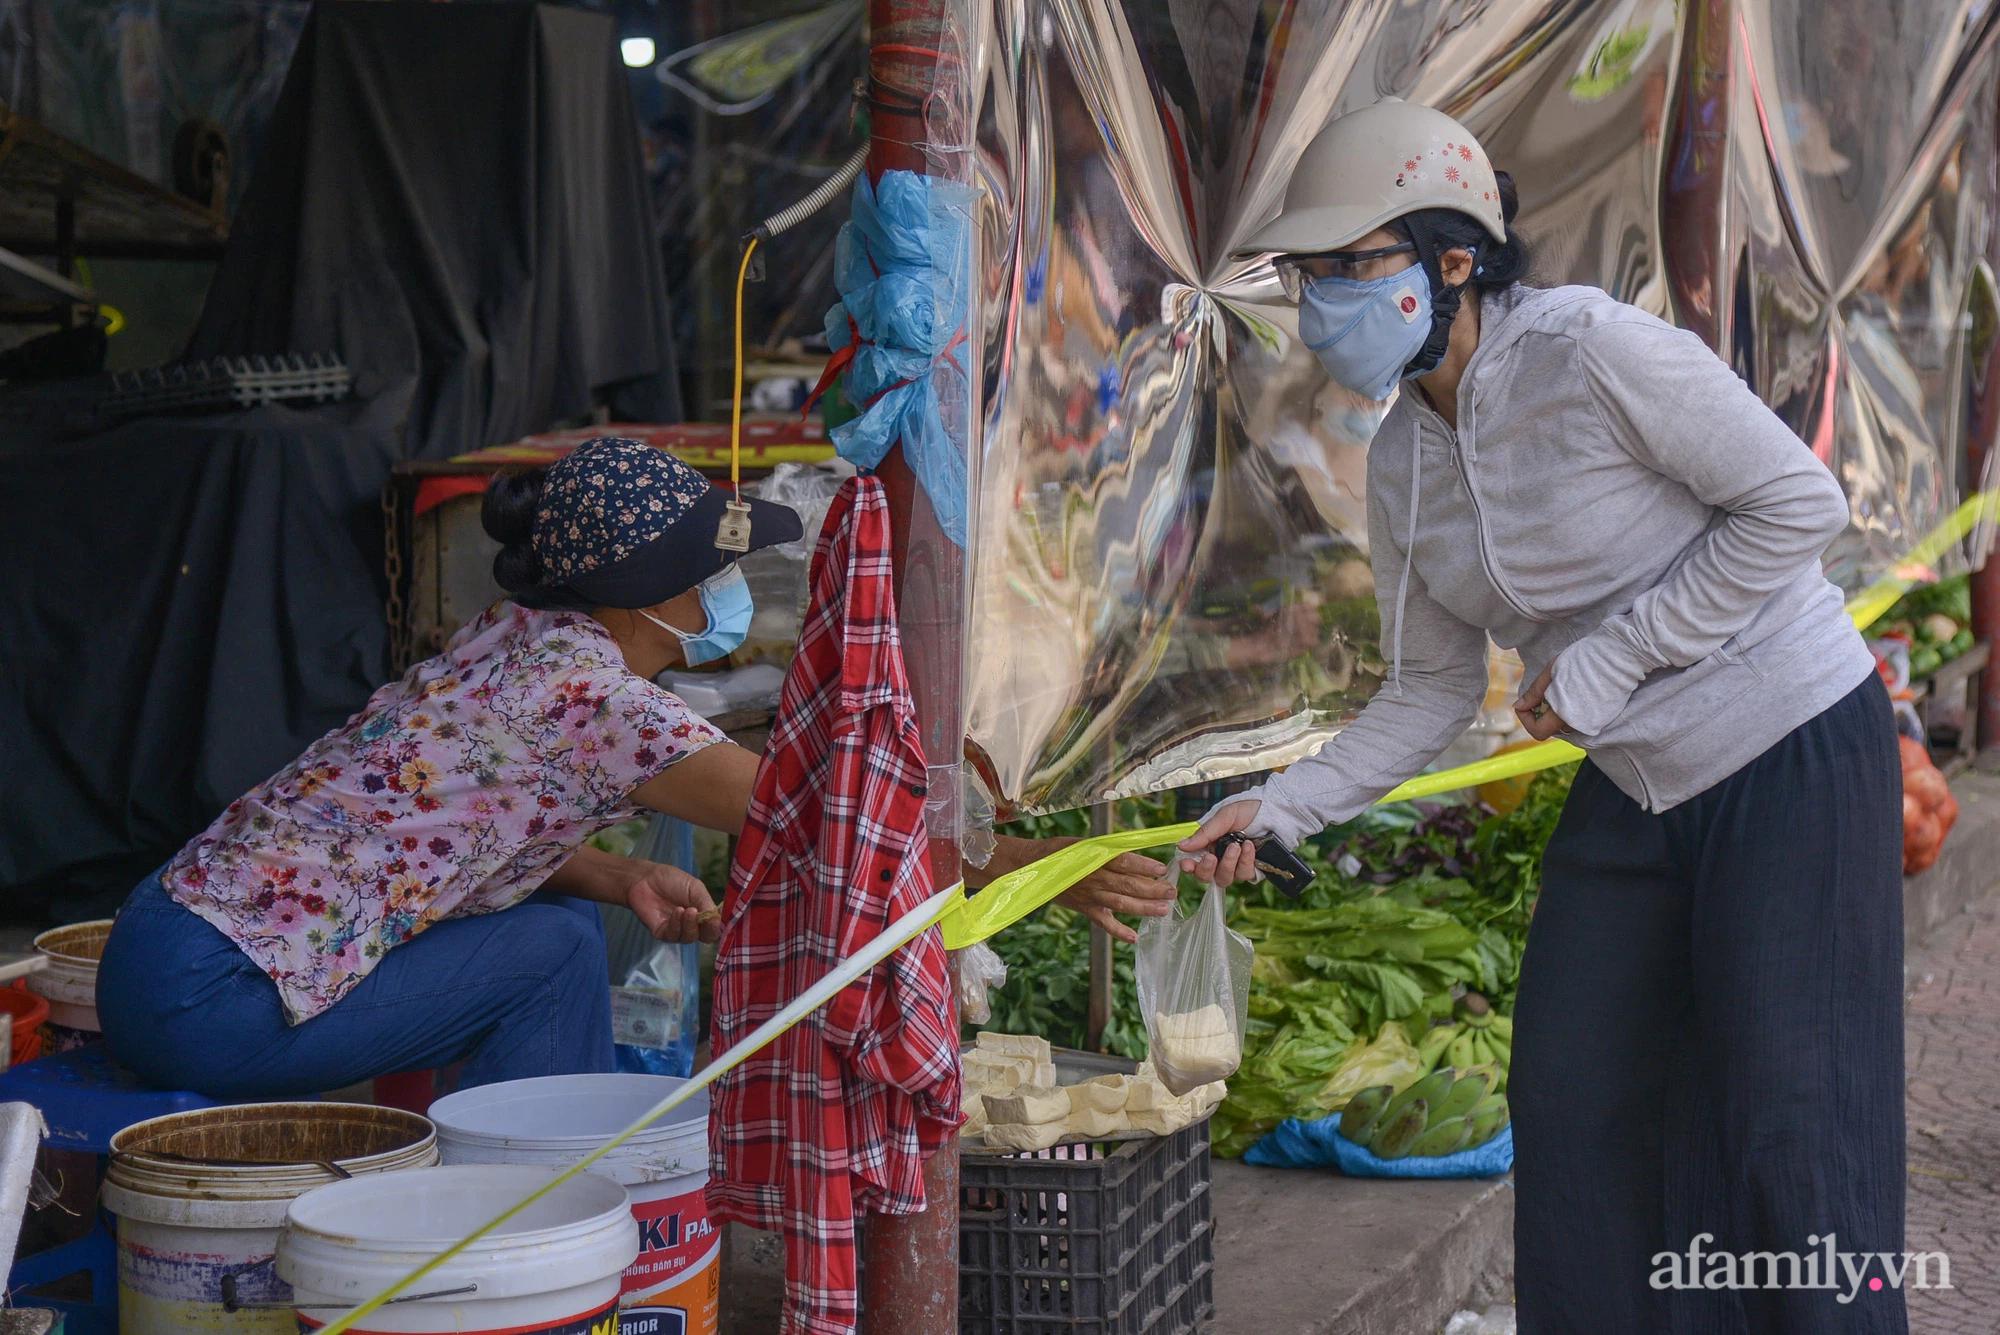 Ấn tượng với khu chợ dân sinh đầu tiên ở Hà Nội quây tấm nilon phòng dịch COVID-19, tiểu thương chia ca đứng bán theo ngày chẵn, lẻ - Ảnh 12.